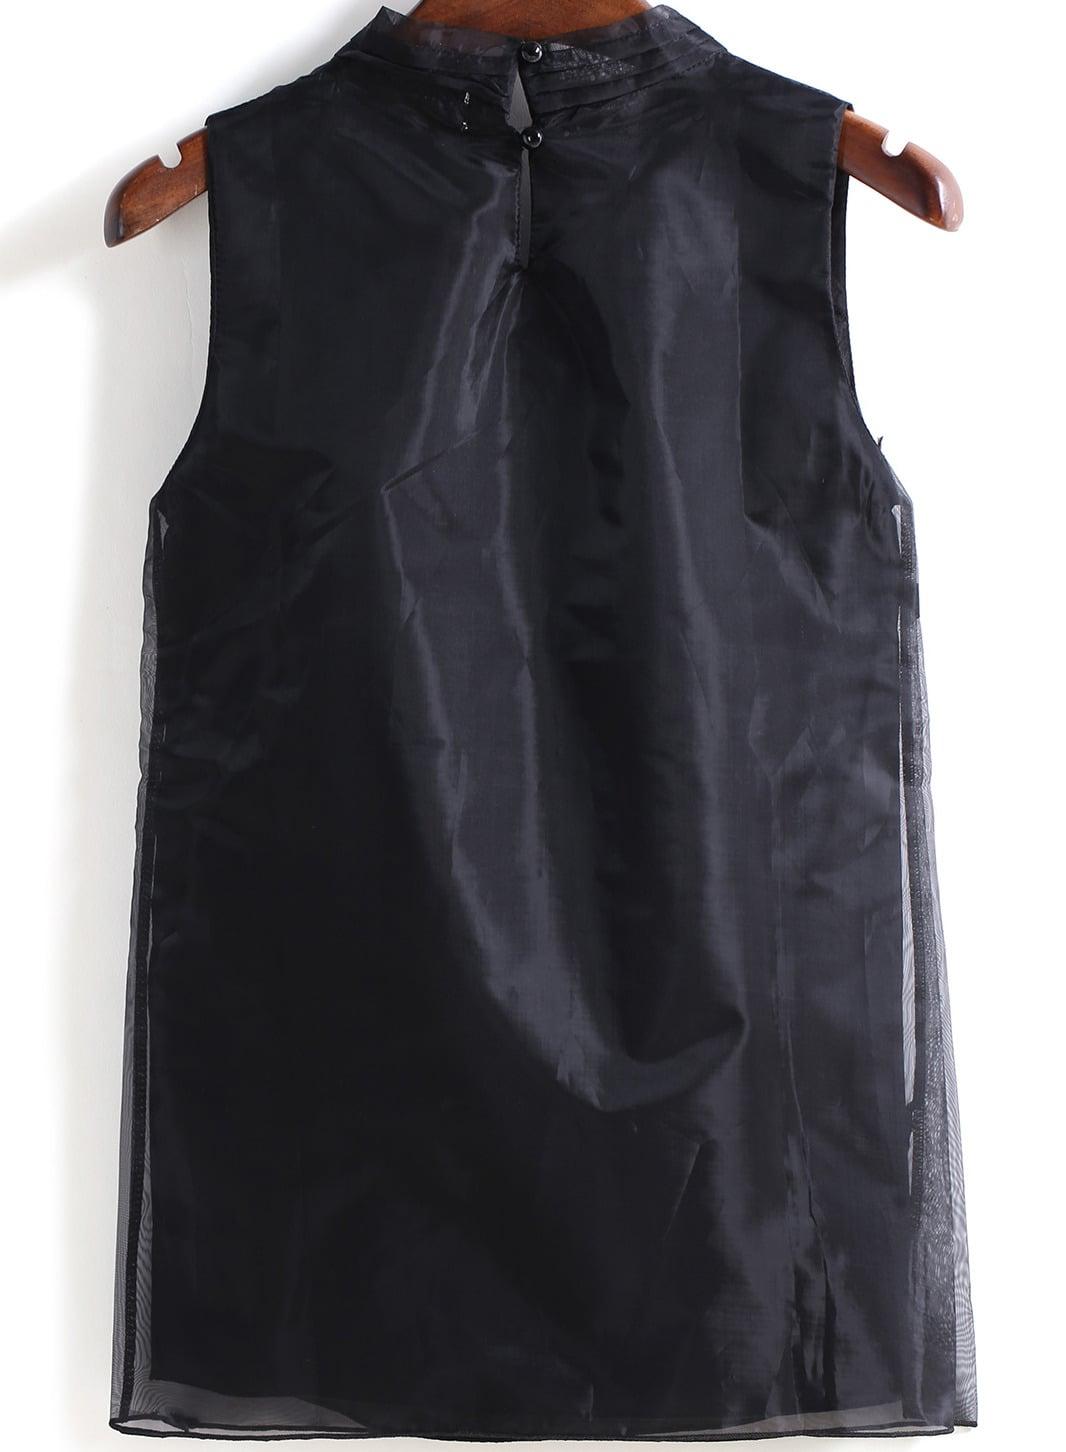 Black Sleeveless Chiffon Blouse 61